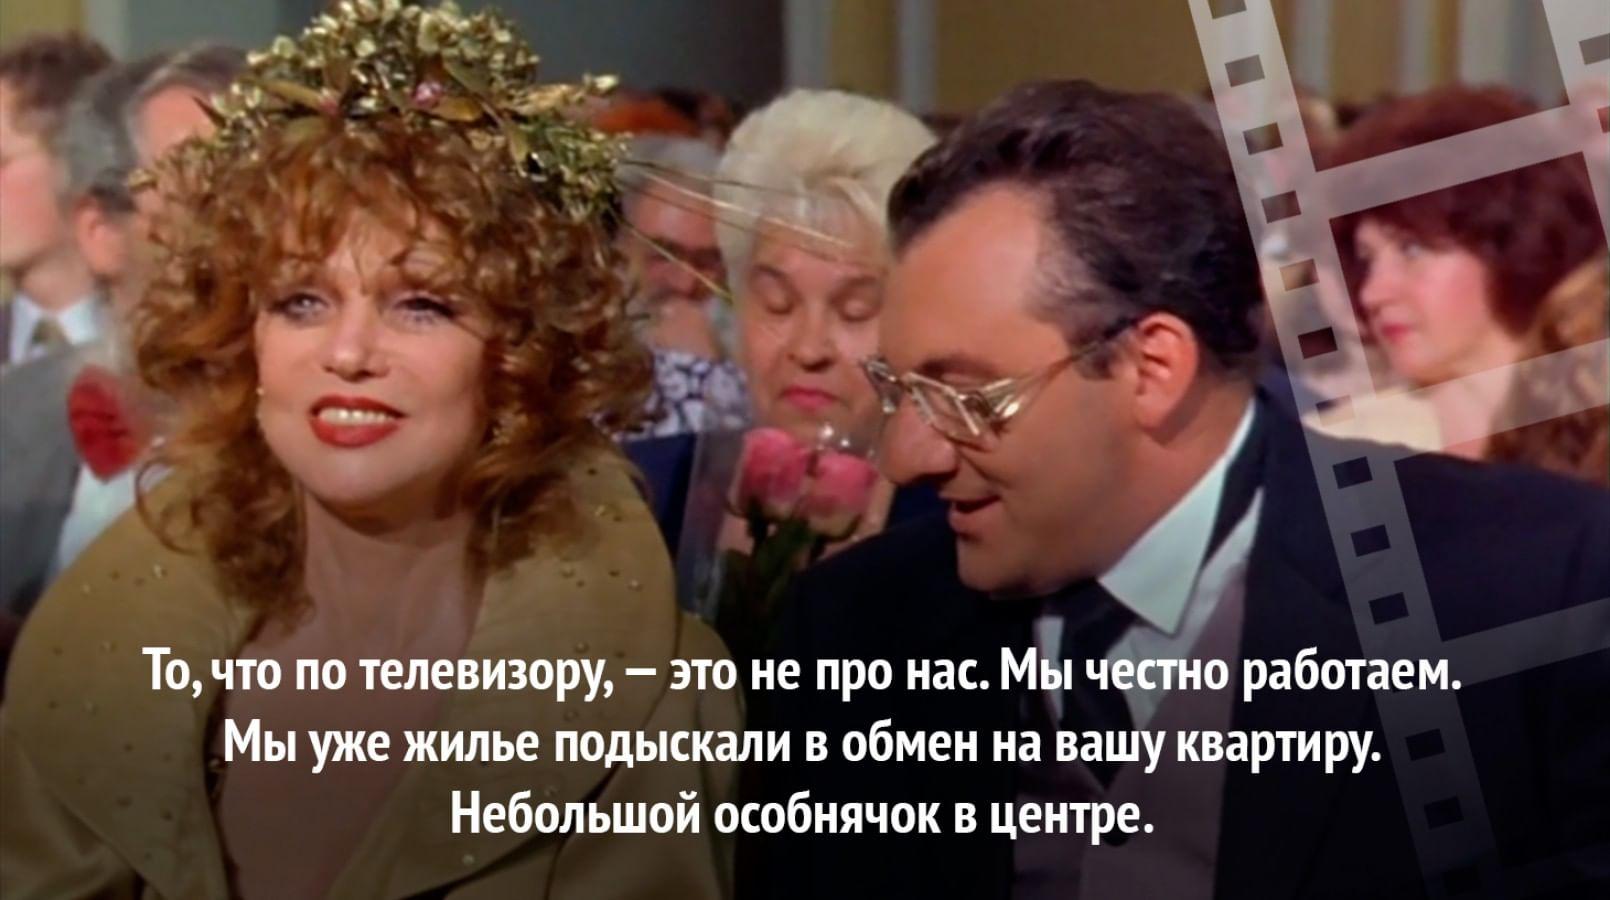 Бизнесмен Василий Хоменко в «Старых клячах» осуществлял фиктивные сделки.